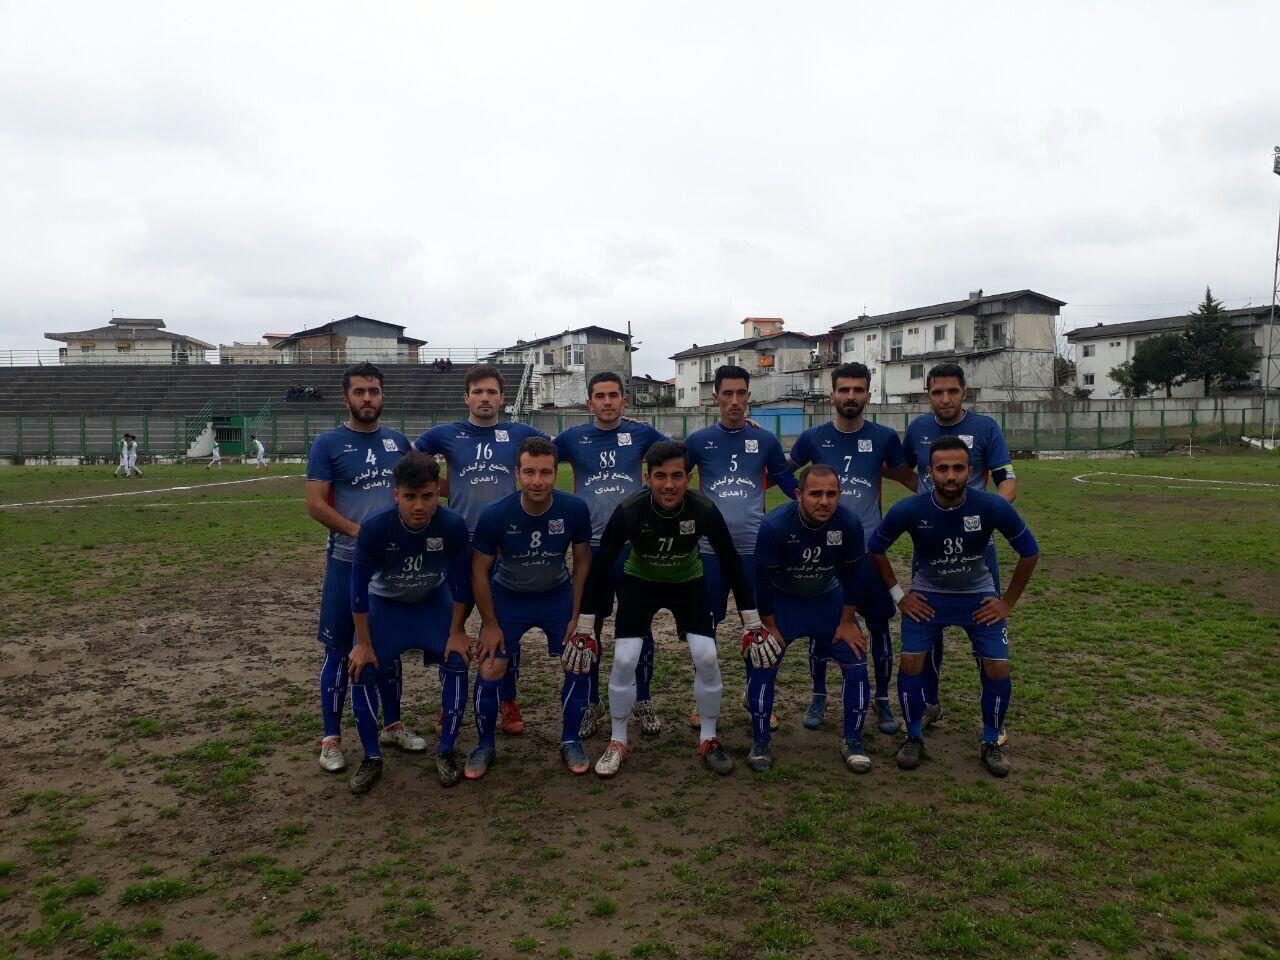 بازیکنان اسبق خونه به خونه و فولاد در لیگ سه / دارایی گز گلستان دو بازیکن جدید جذب کرد+عکس